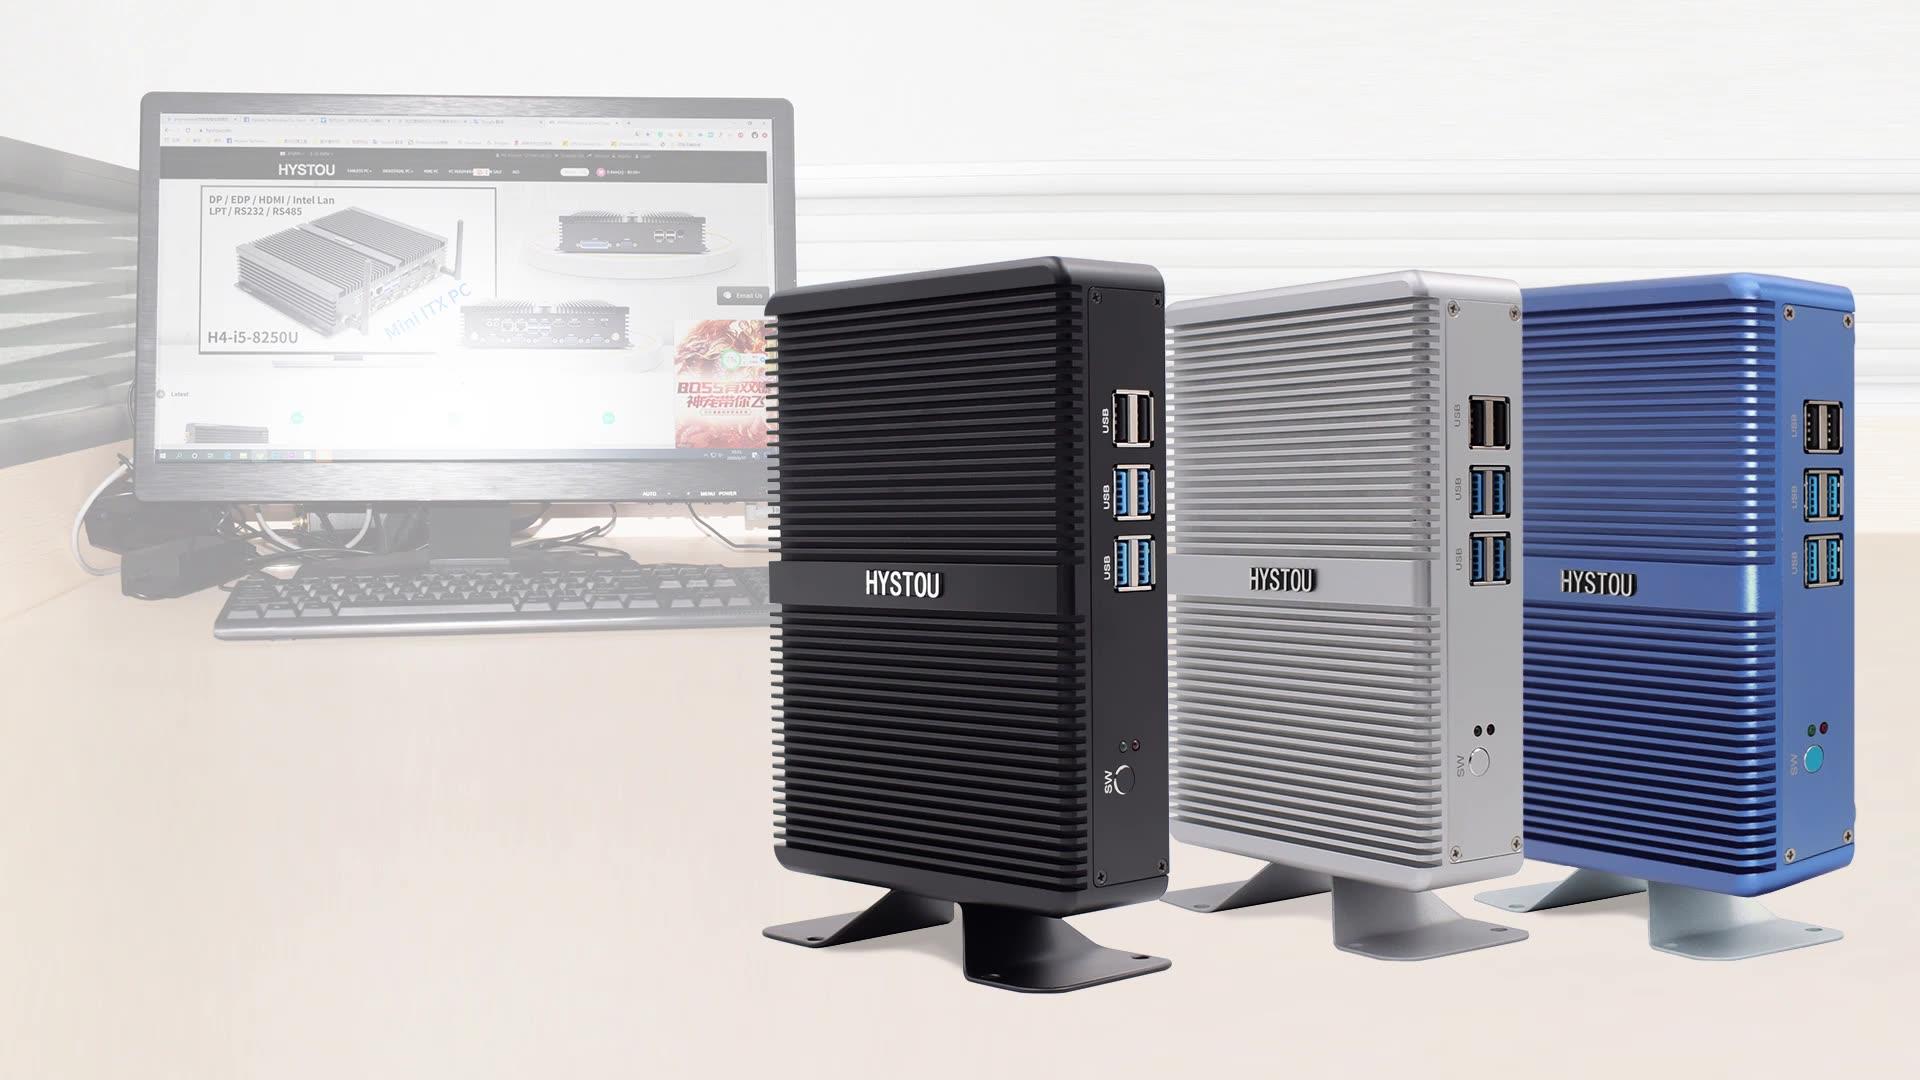 La oficina utilizando mini PC sin ventilador H2 intel i3 7167 CPU DDR4 RAM hardware HD VGA WIFI y computadoras portátiles Y escritorios